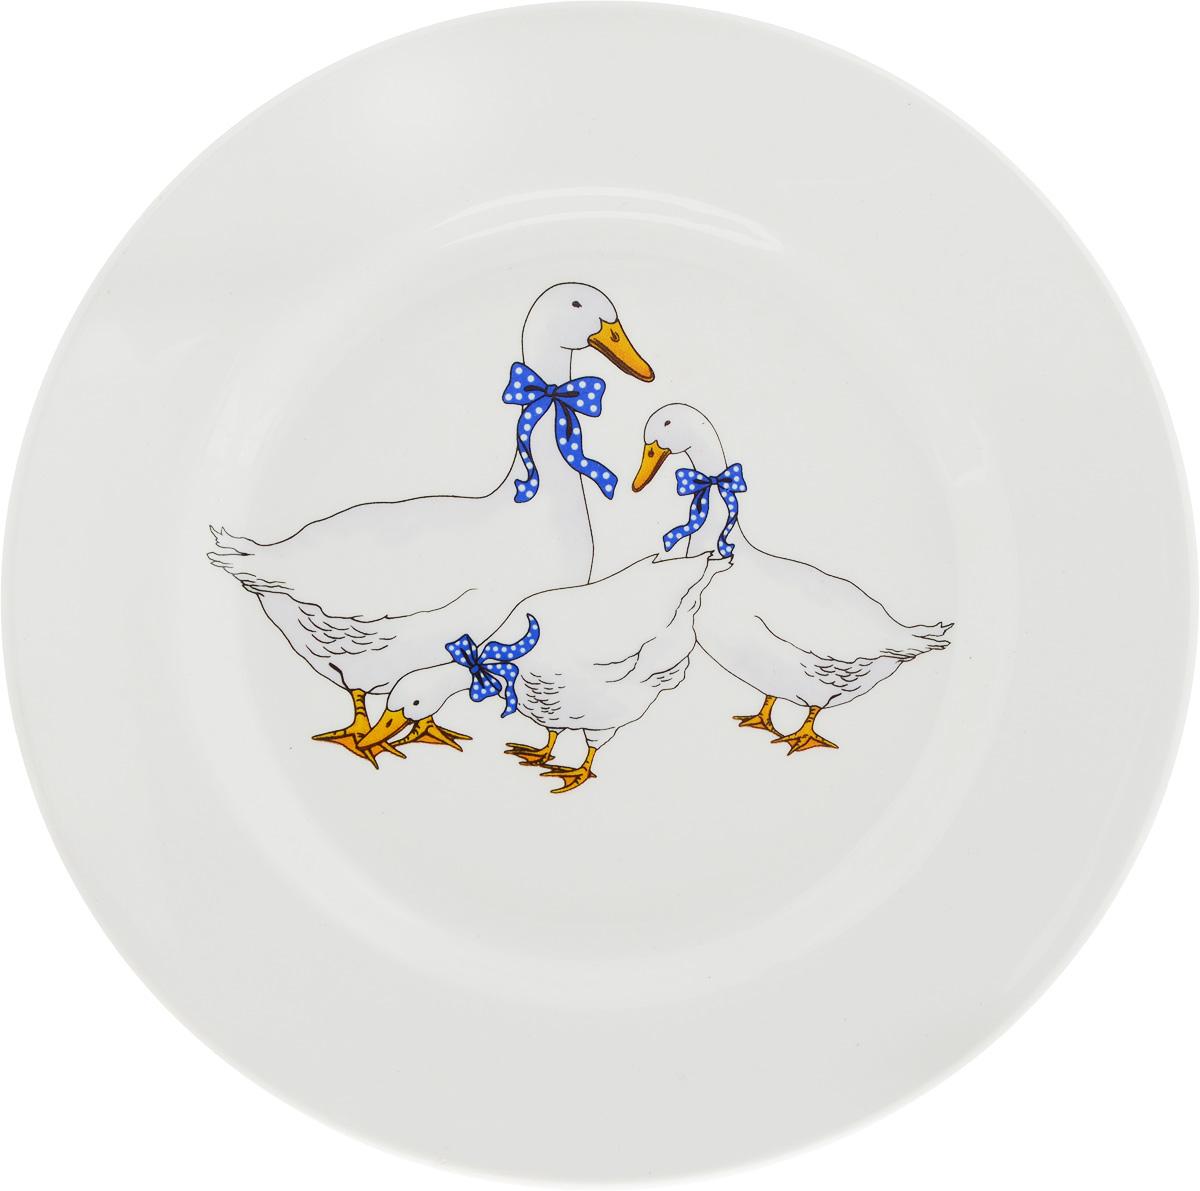 Тарелка десертная Кубаньфарфор Гуси, диаметр 17,5 см057_ГусиДесертная тарелка Кубаньфарфор Гуси, изготовленная из фаянса с глазурованным покрытием, декорирована красочным рисунком. Такая тарелка украсит сервировку вашего стола и подчеркнет прекрасный вкус хозяина, а также станет отличным подарком.